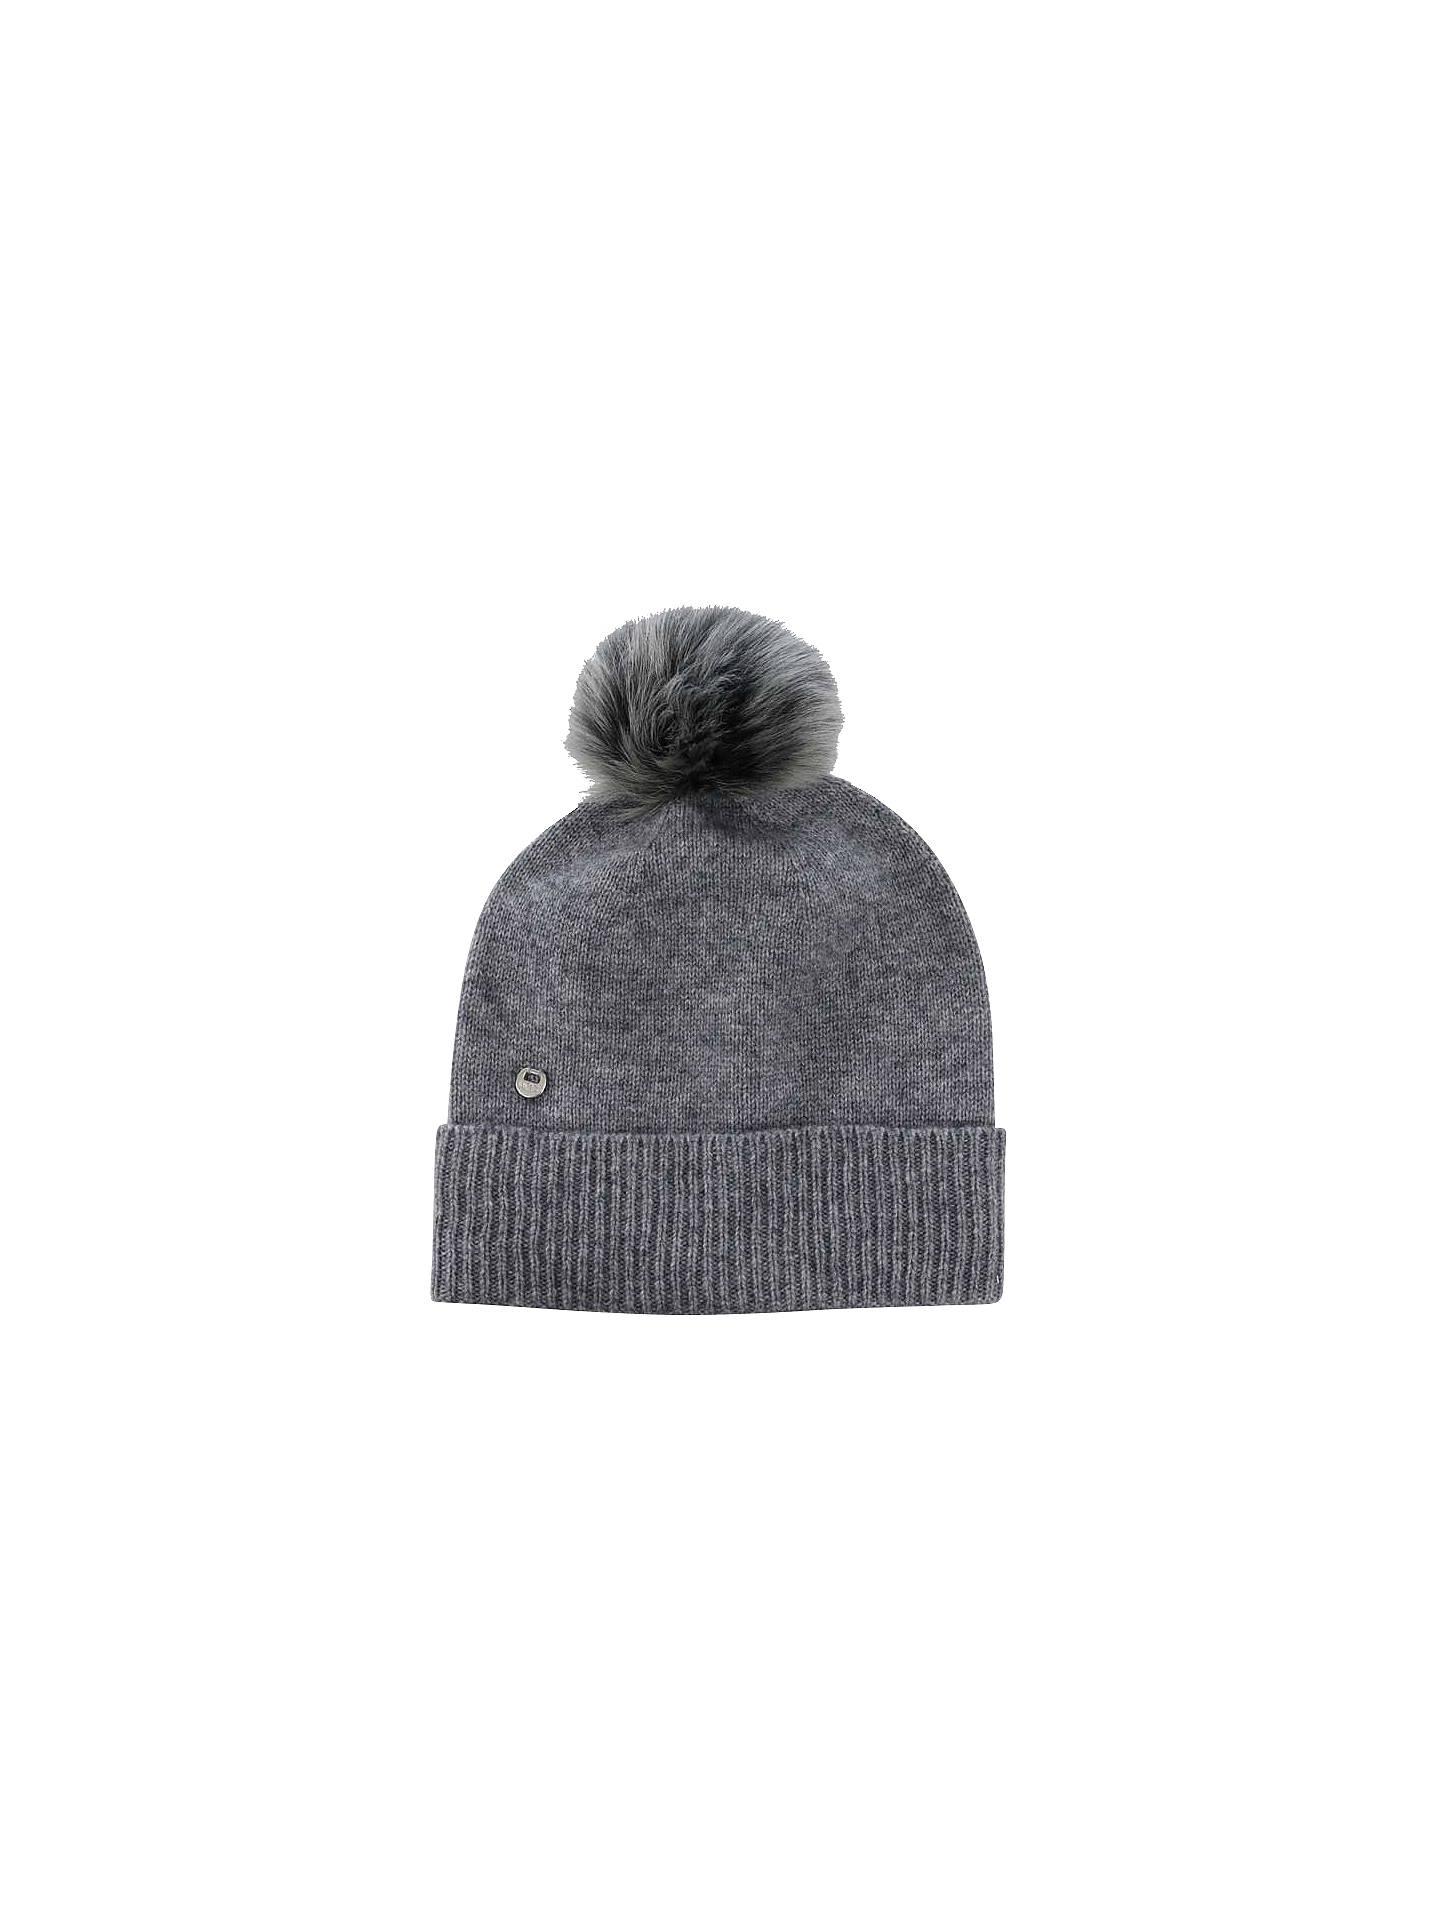 47189ee5ddc Buy UGG Luxe Toscana Pom Pom Beanie Hat